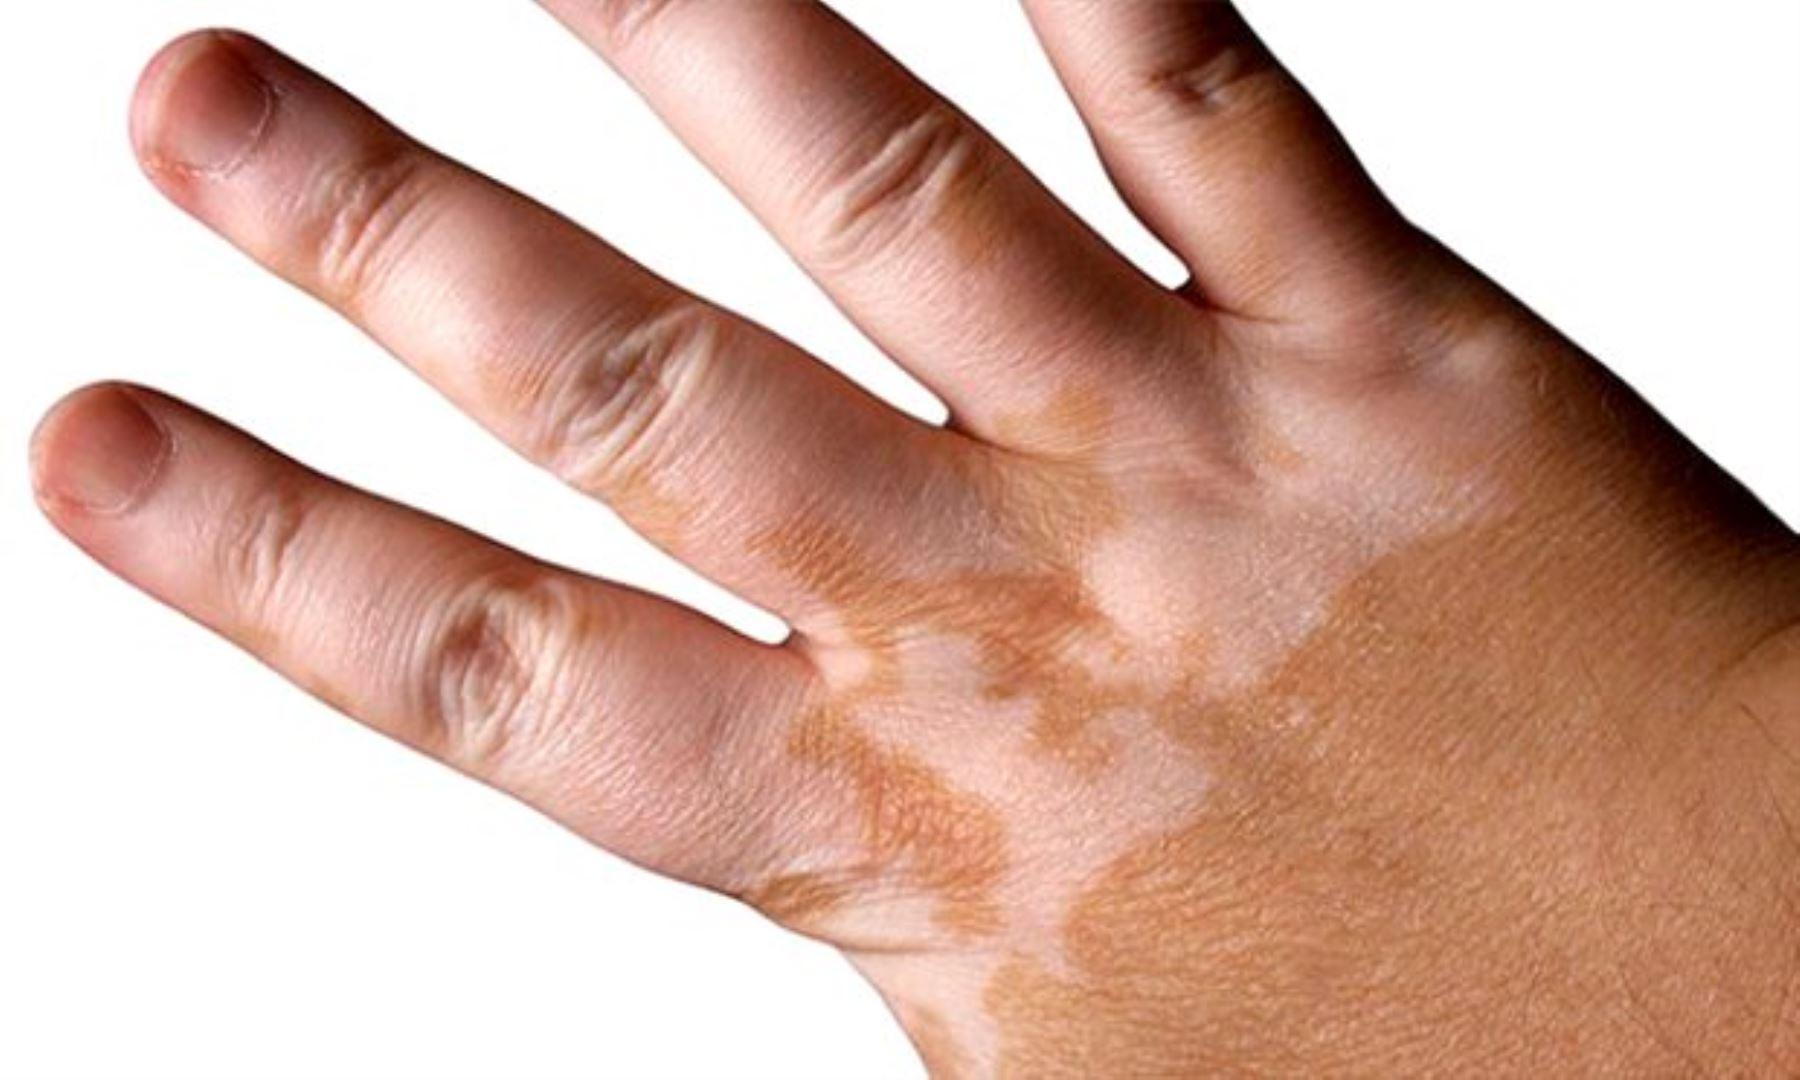 Estrés y ansiedad incrementan casos de manchas sin color en la piel. Foto: ANDINA/Difusión.